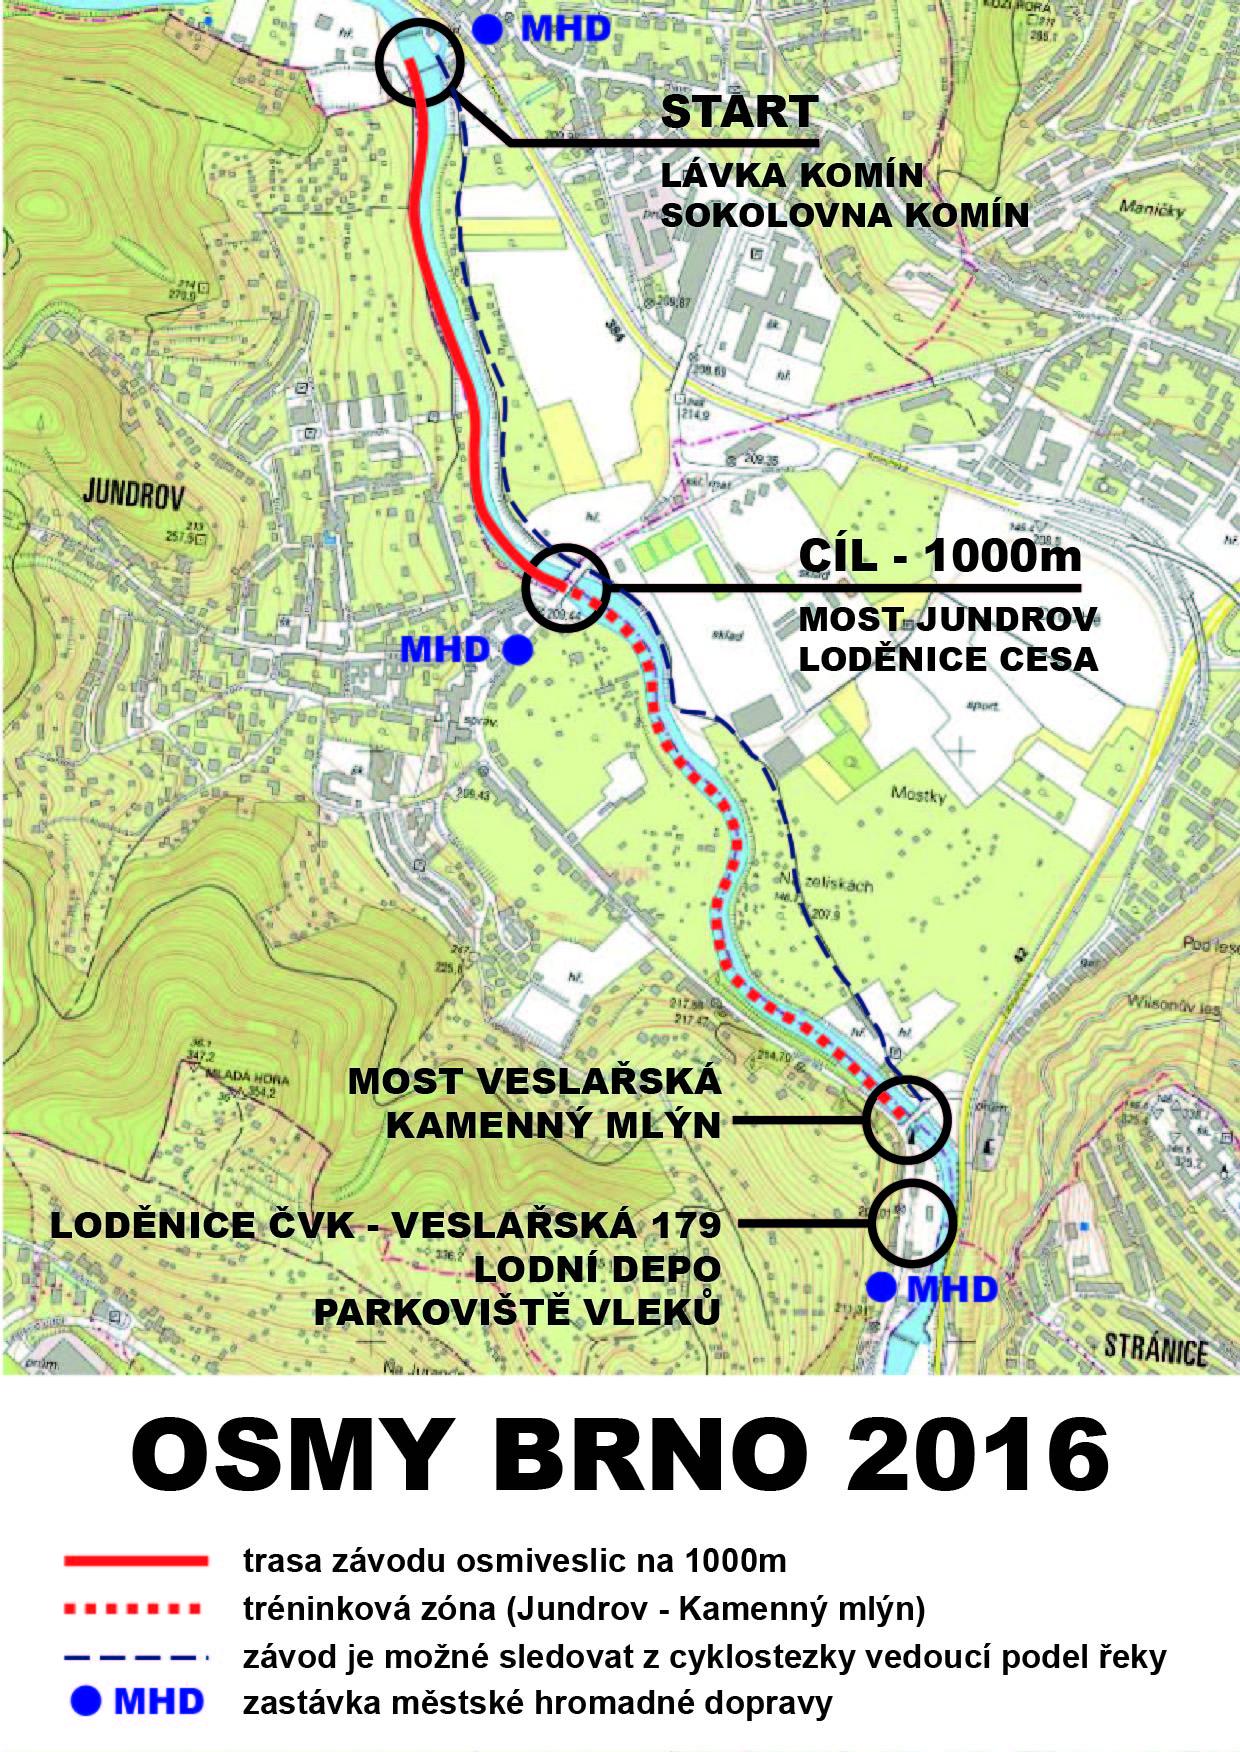 osmy_brno_mapa